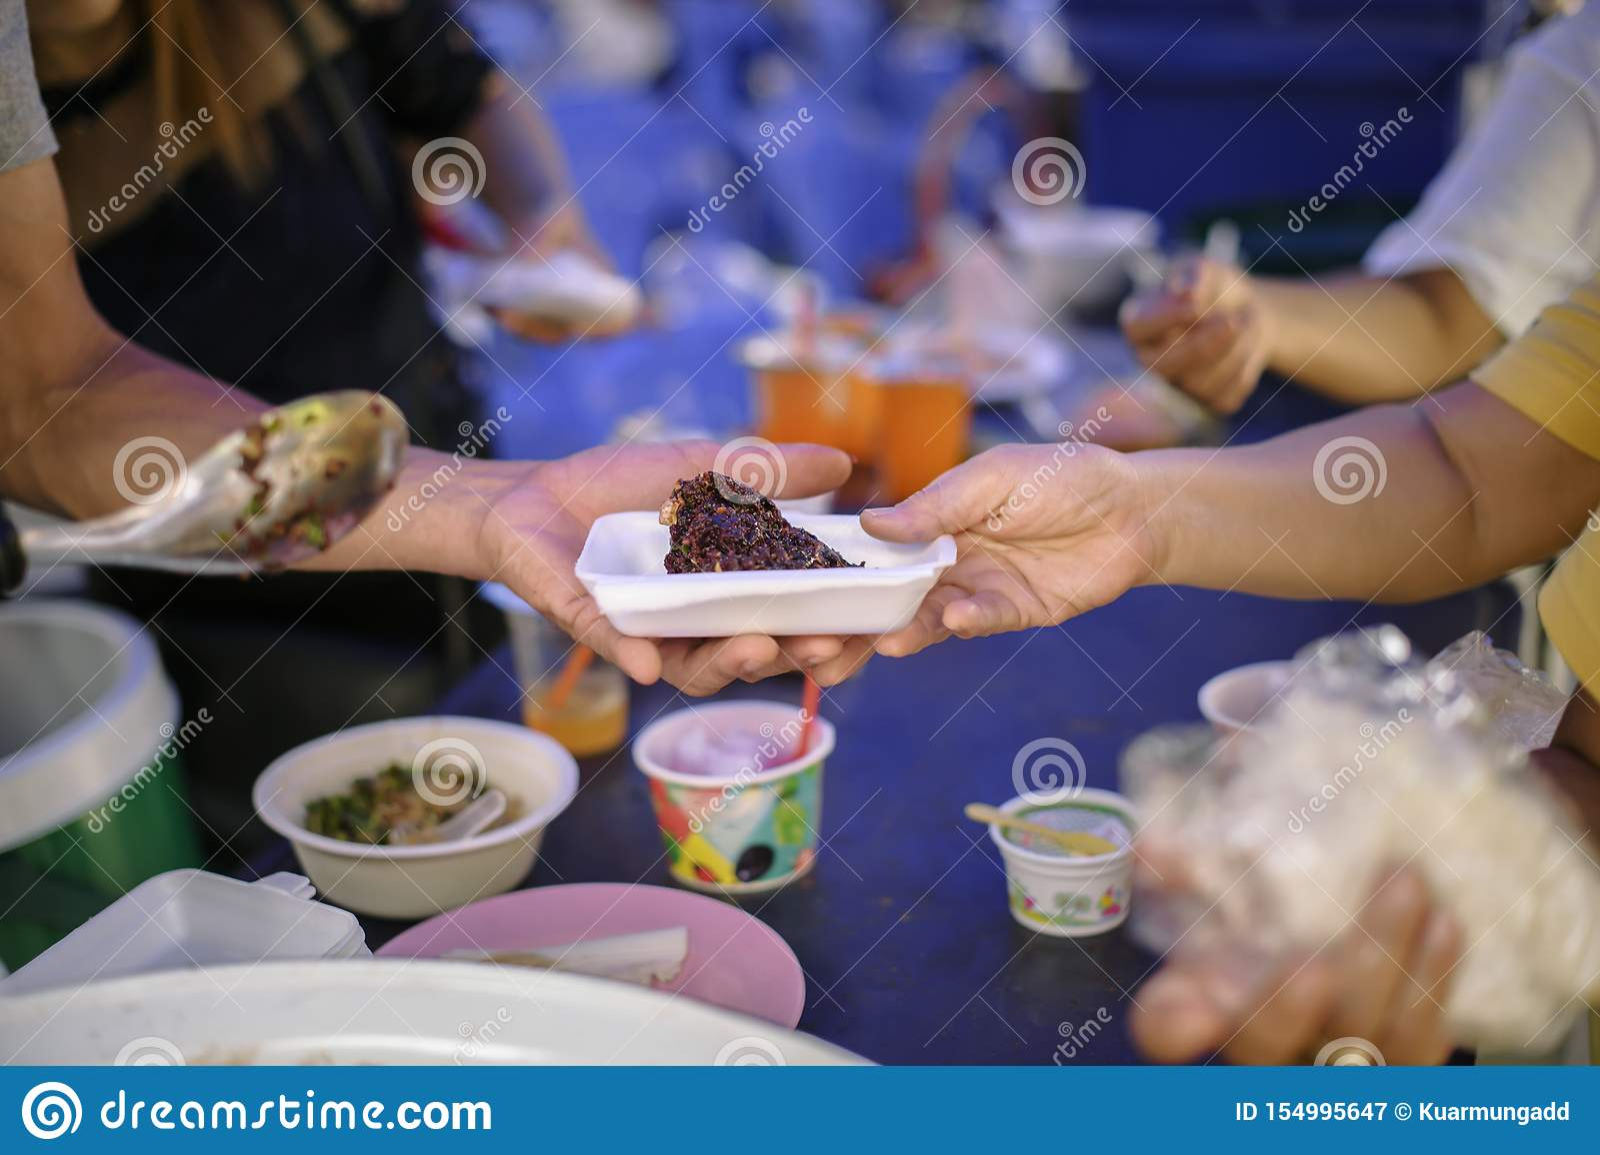 Nourriture libre pour la distribution pauvre et de produits alimentaires : concept partageant la nourriture avec le sans-abri